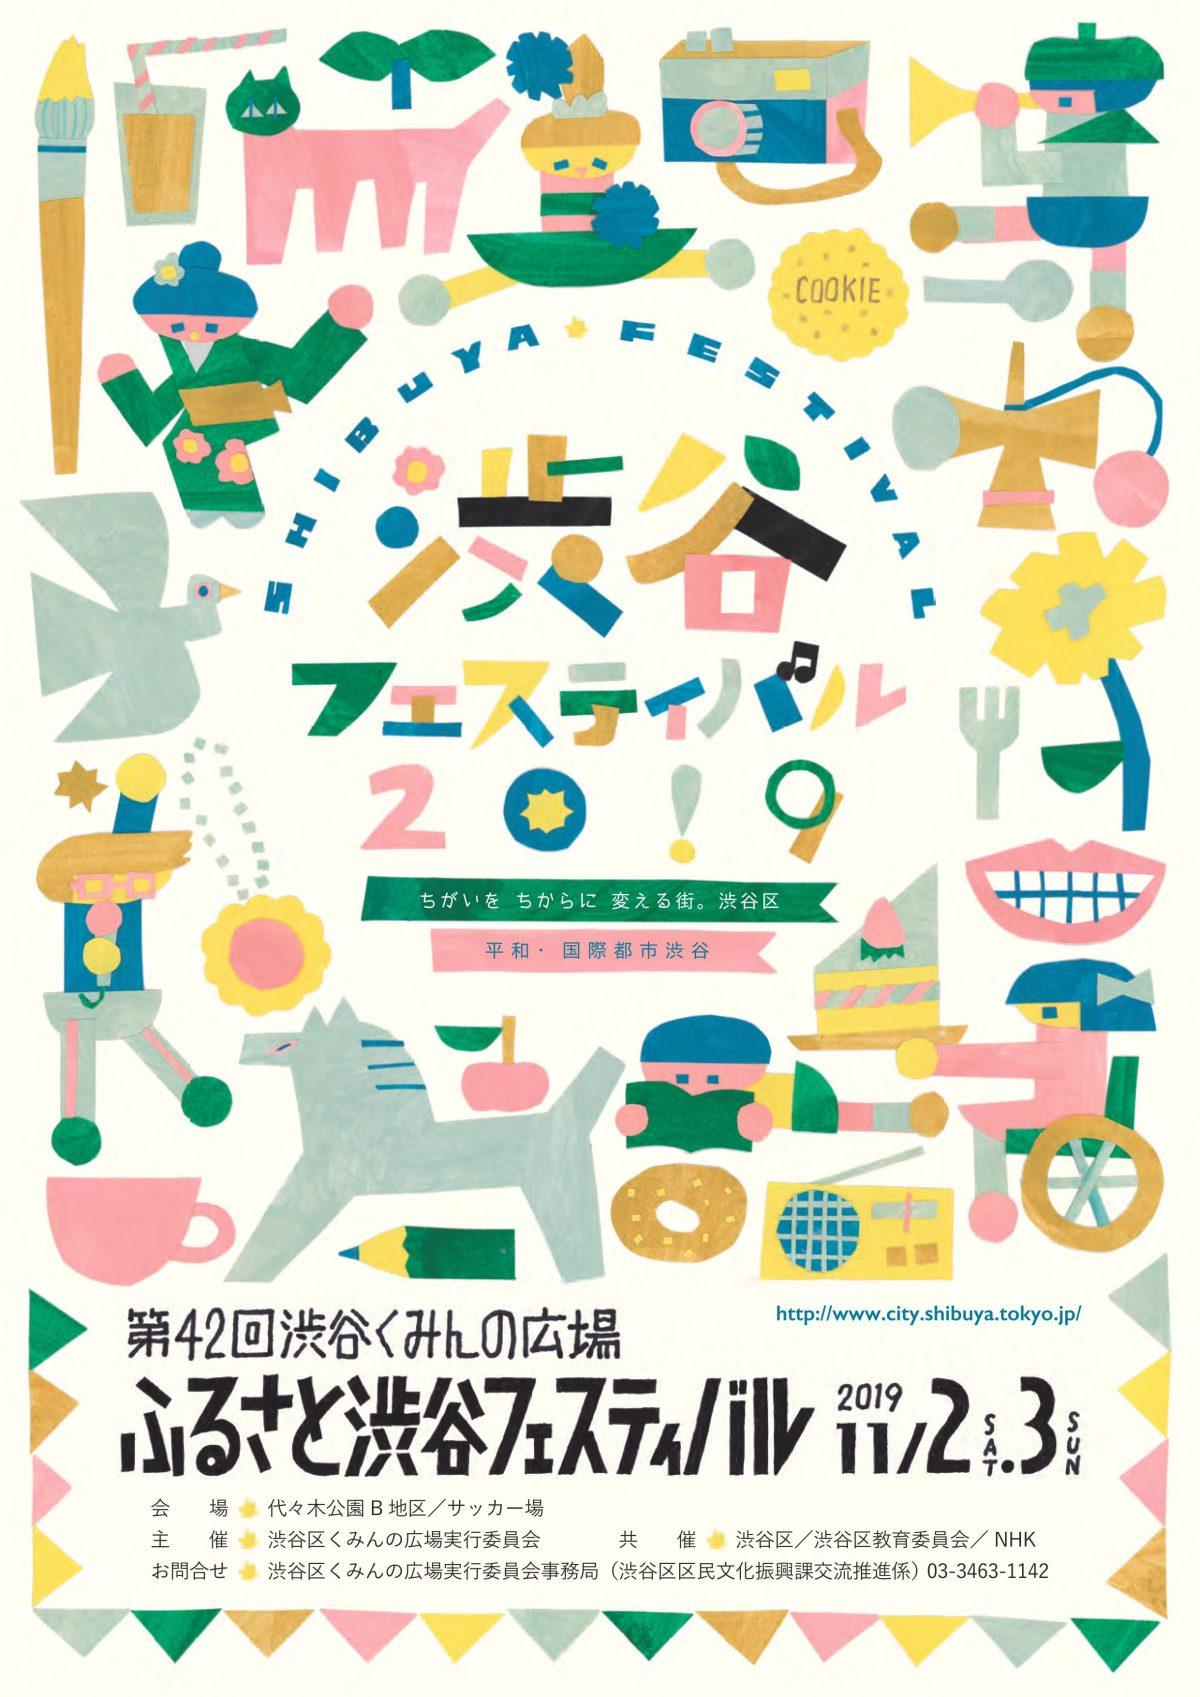 第42回渋谷区くみんの広場 ふるさと渋谷フェスティバル2019